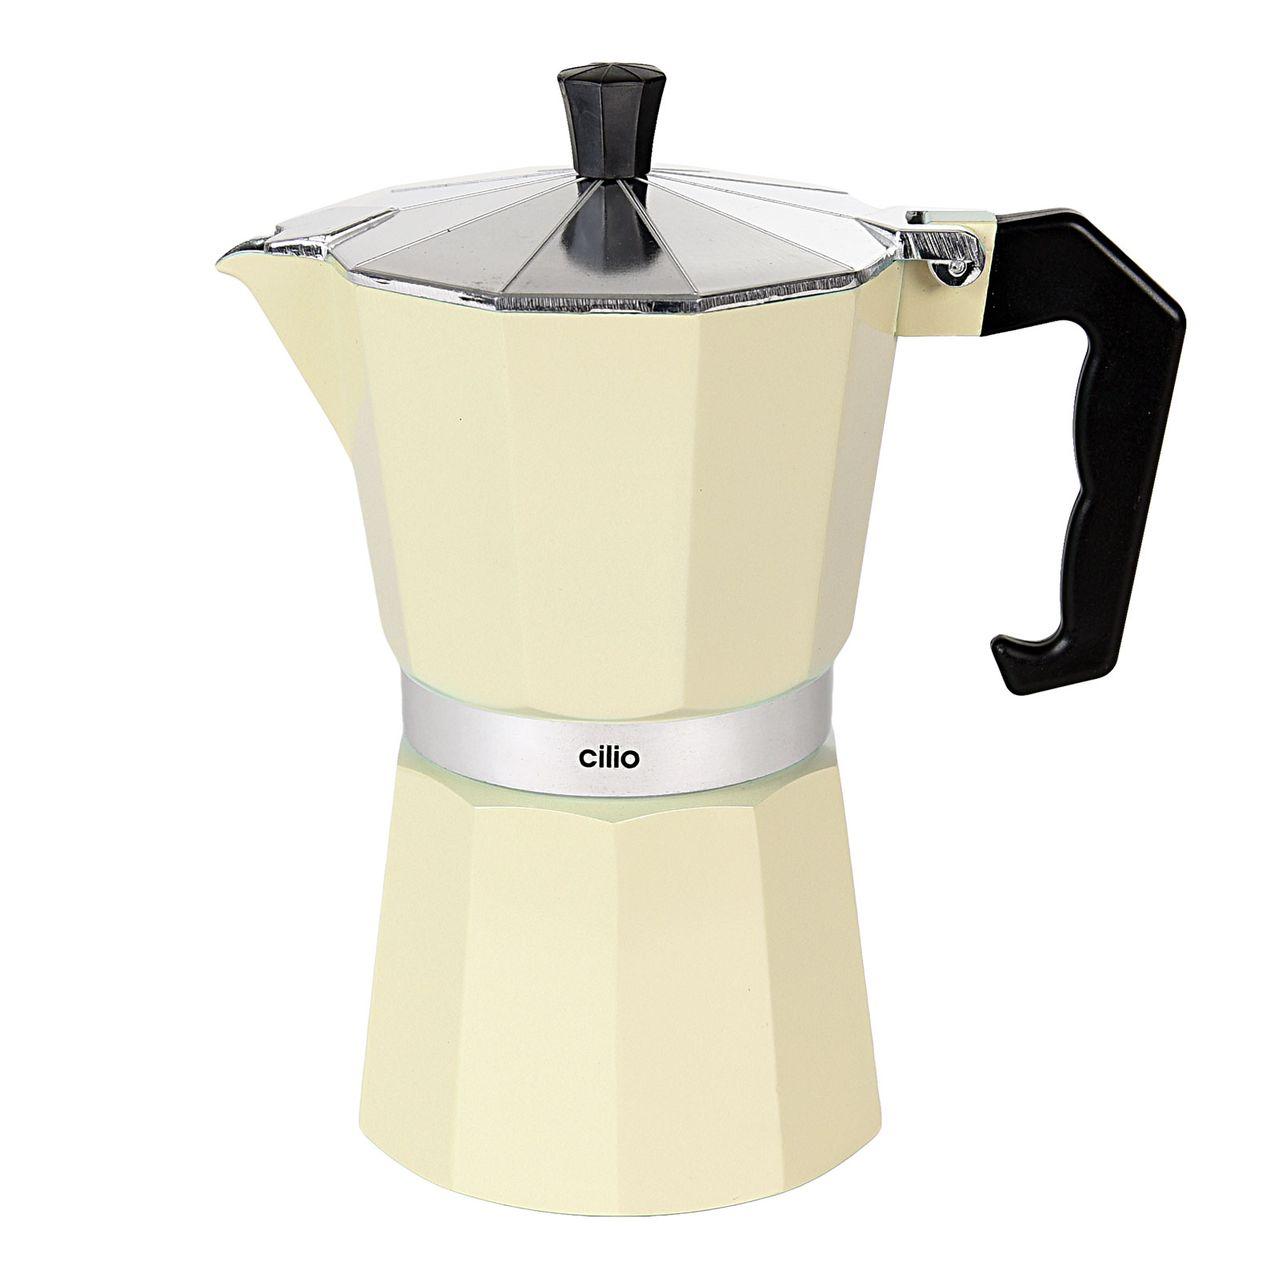 CILIO Classico Espressokocher 6 Tassen, Creme